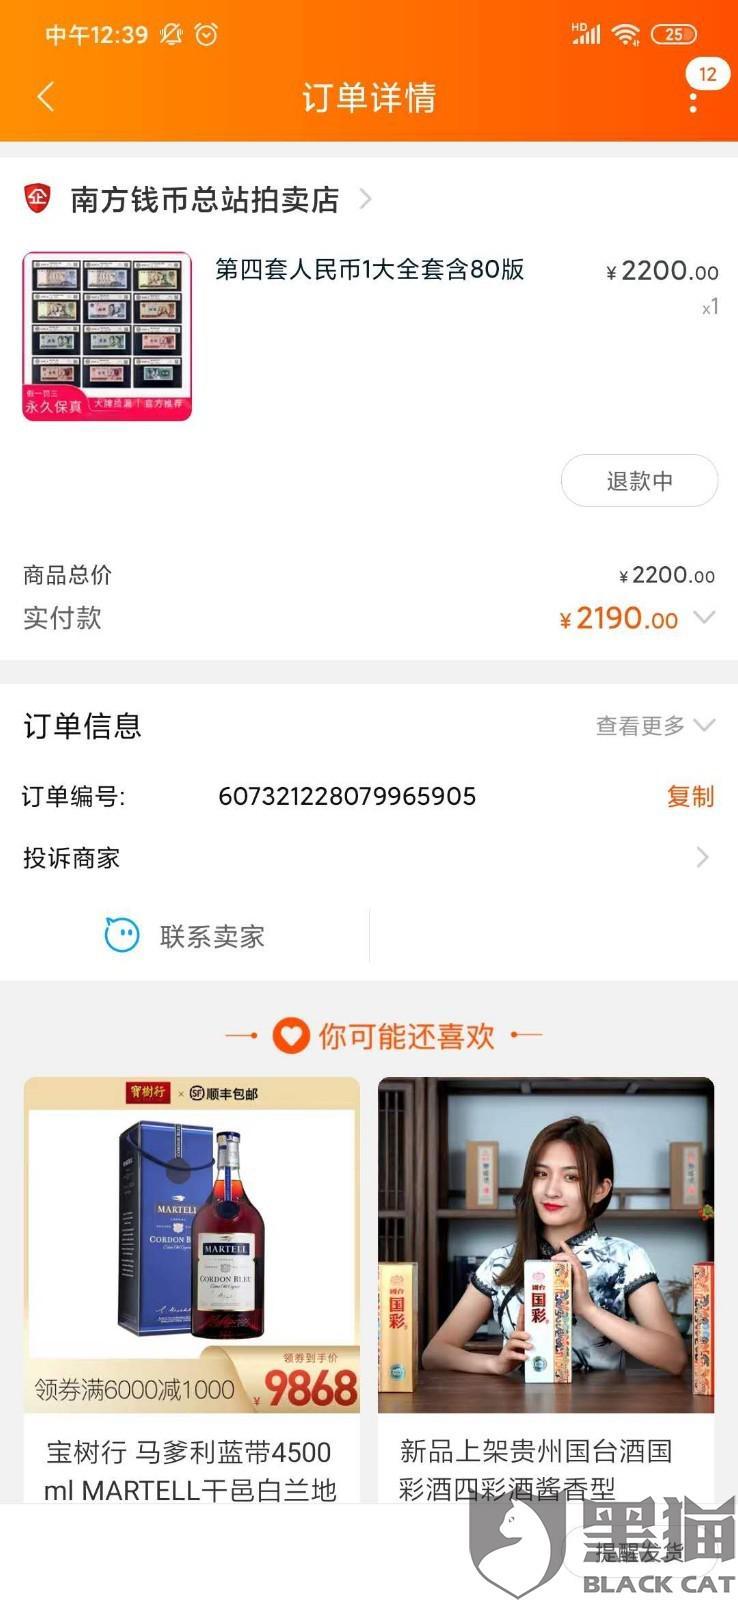 黑猫投诉:南方钱币总站拍卖店虚假宣传捡漏拍卖,高价欺骗消费者